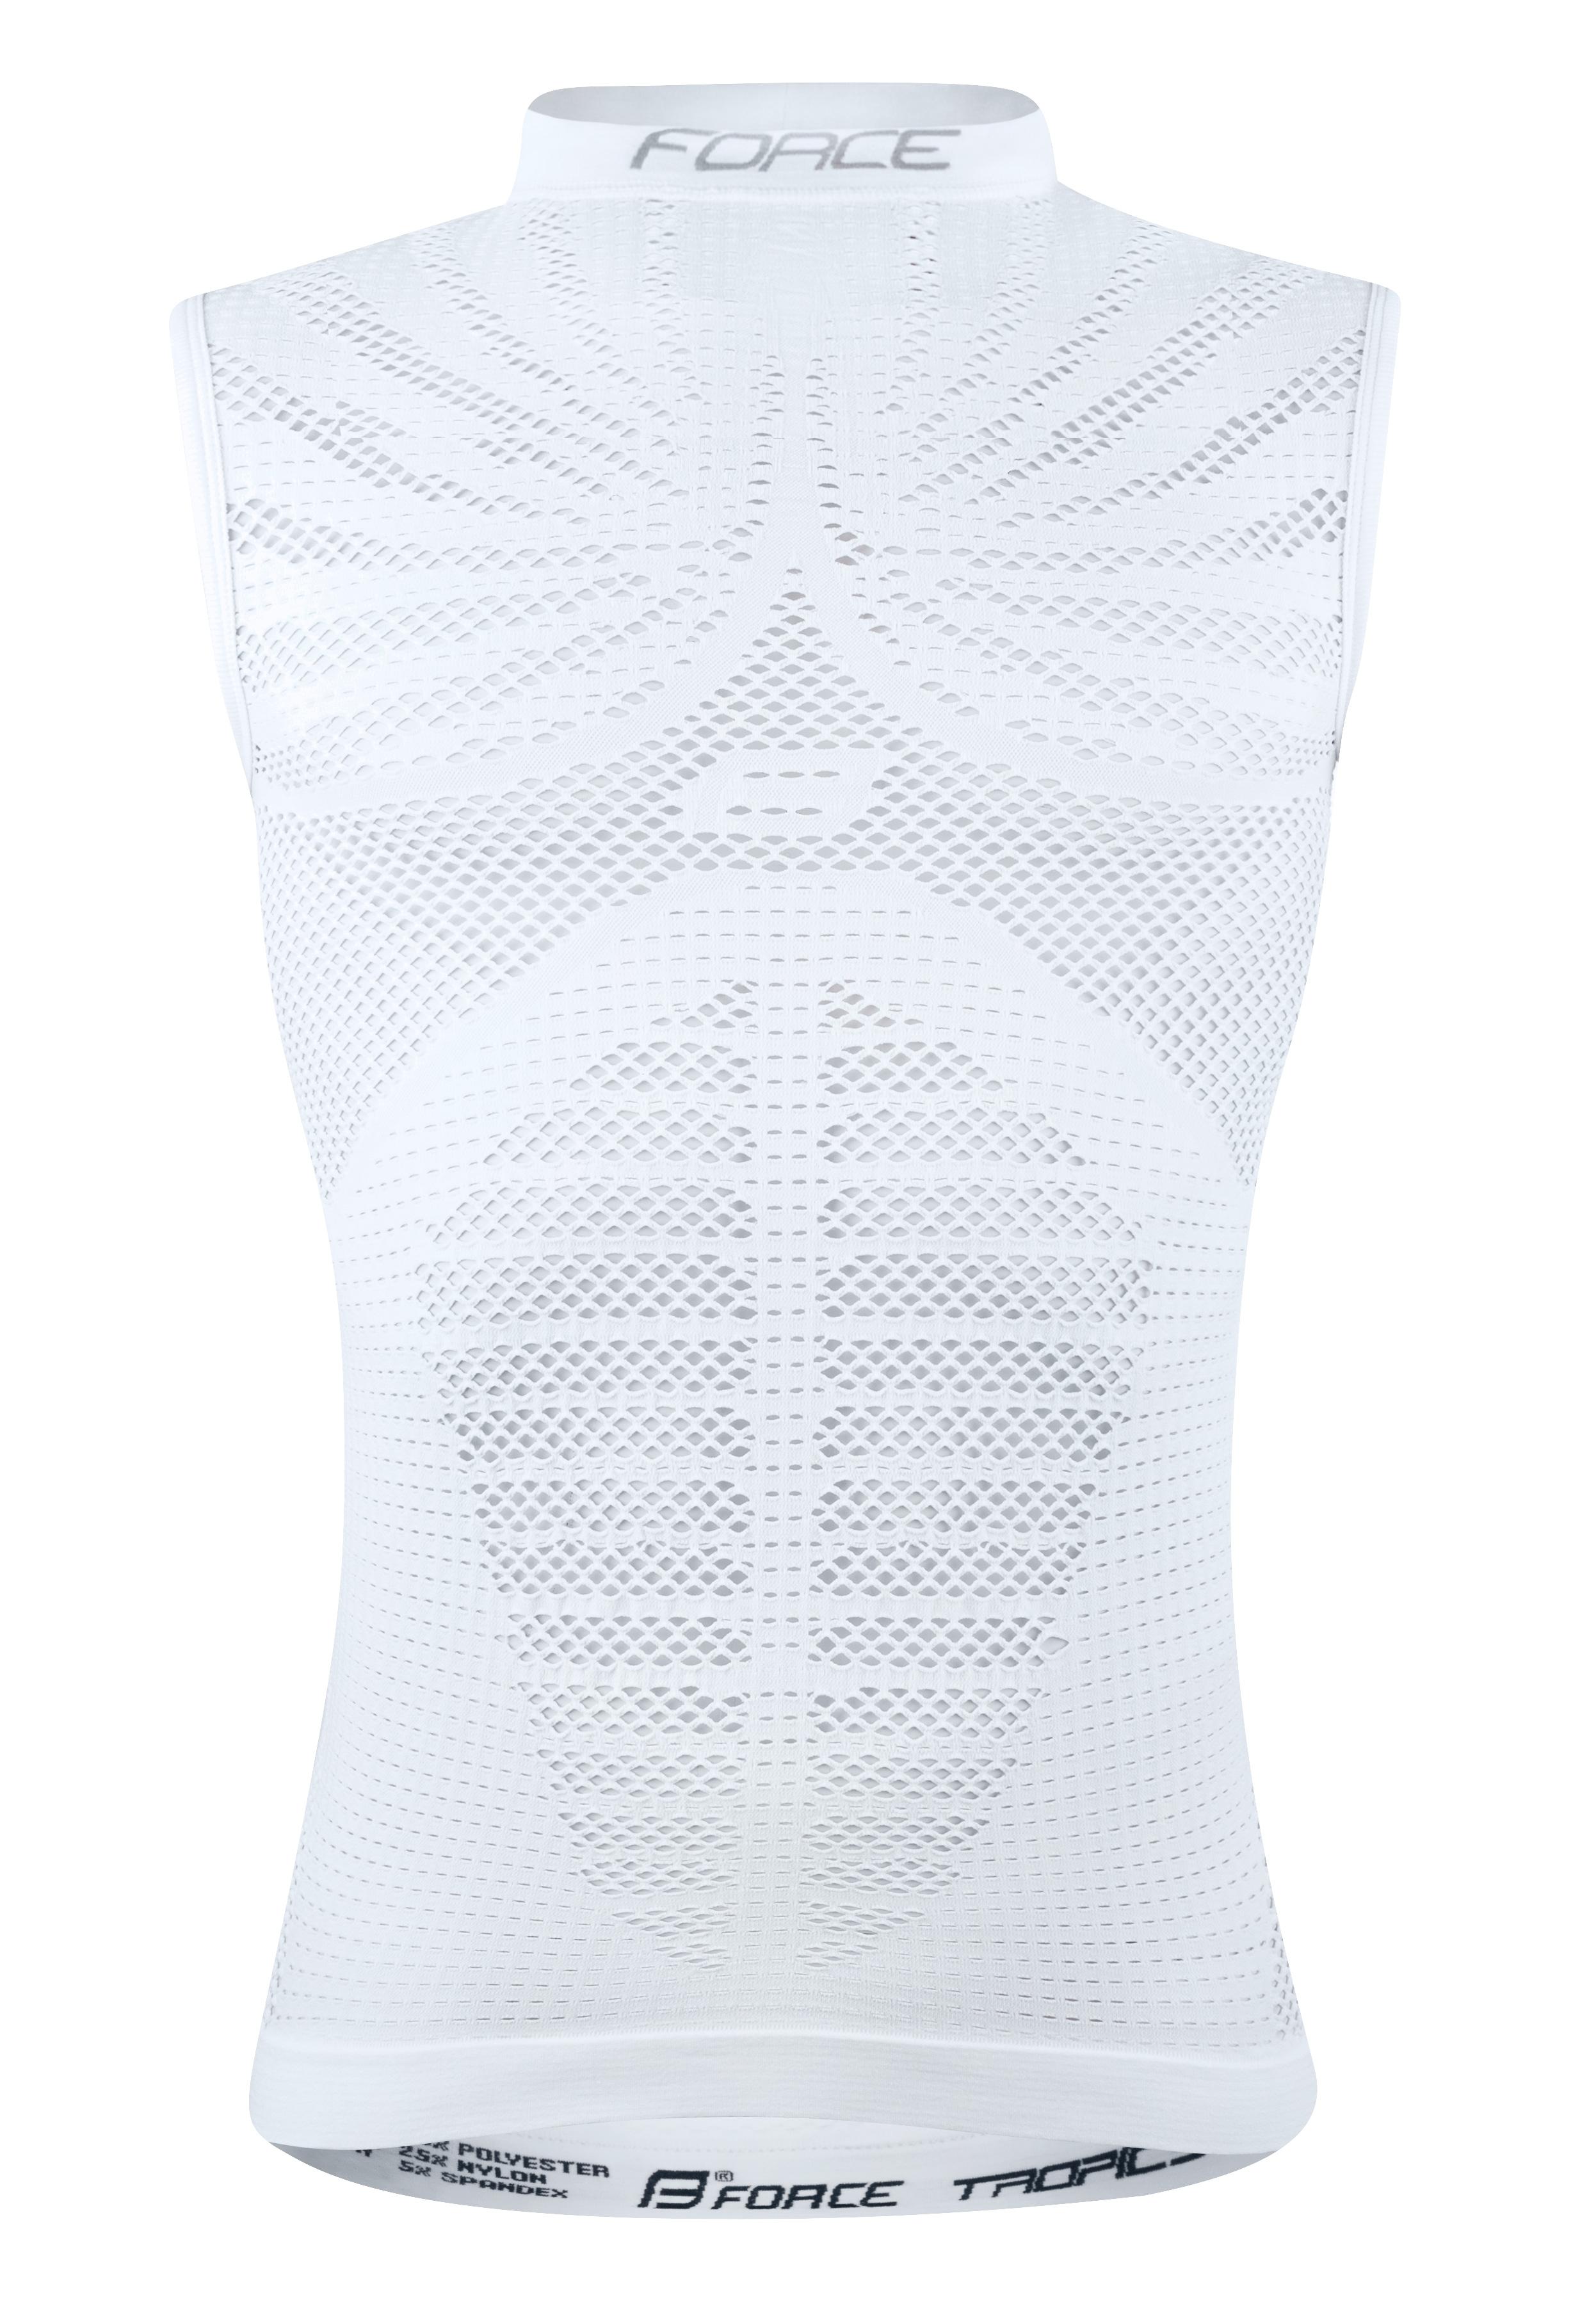 triko/funkční prádlo FORCE TROPIC bez rukávů,bílé S-M